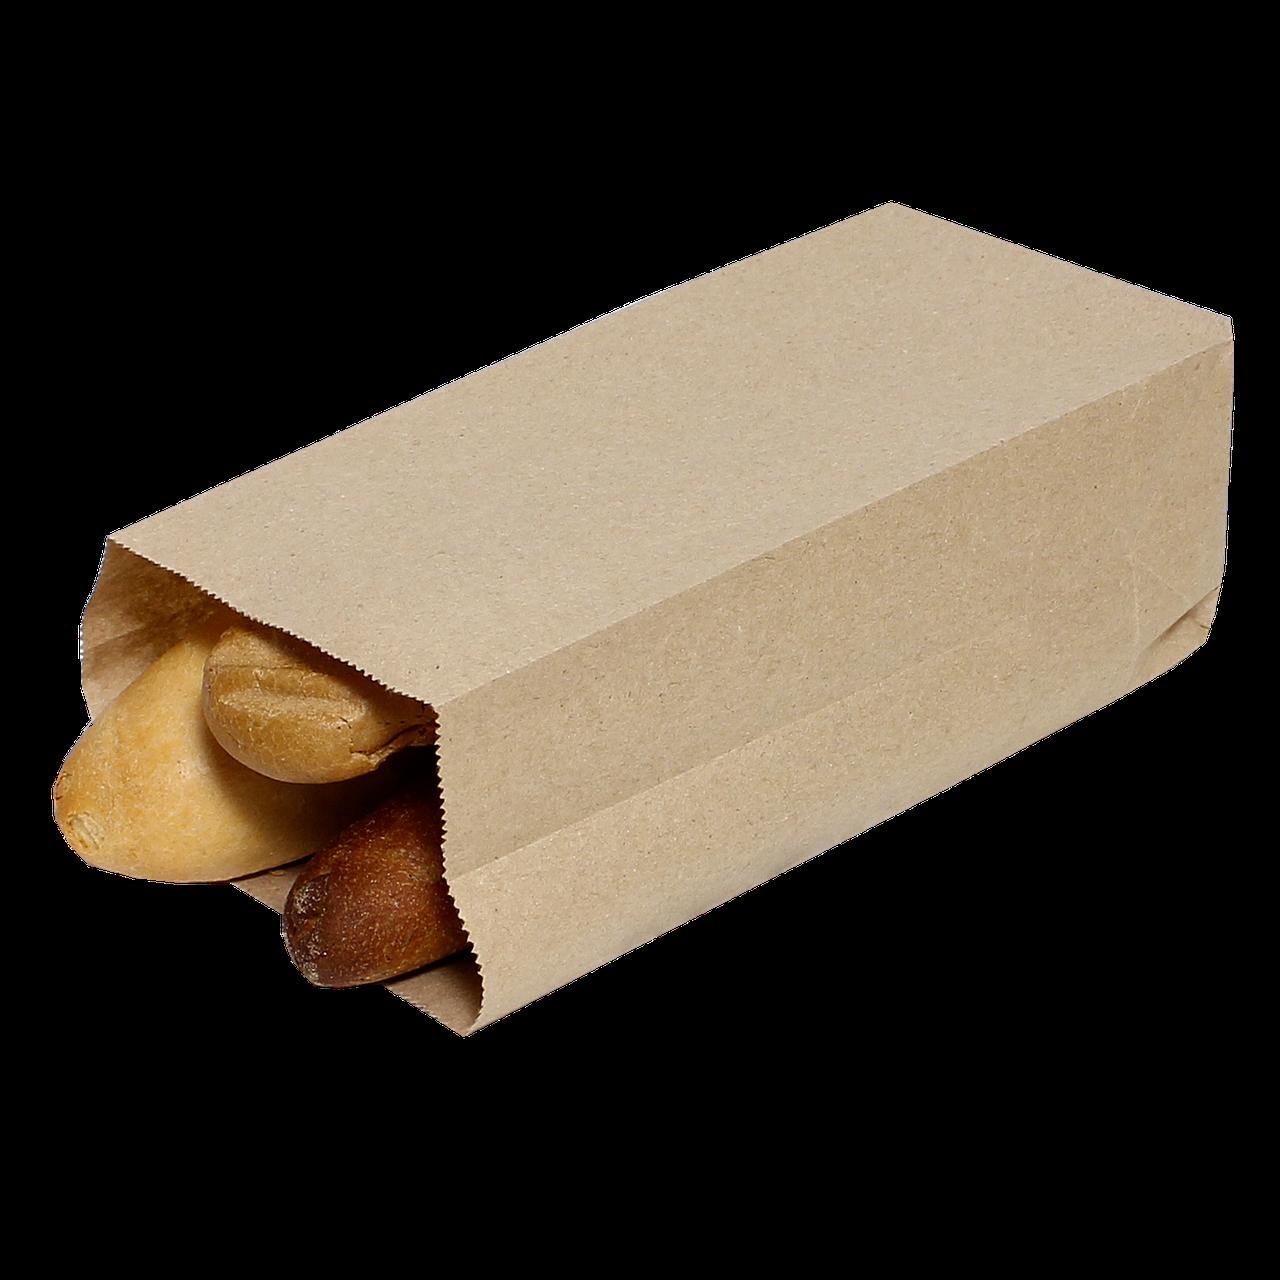 Пакет паперовий з прямокутним дном 170*120*280 100шт  Крафт (91)